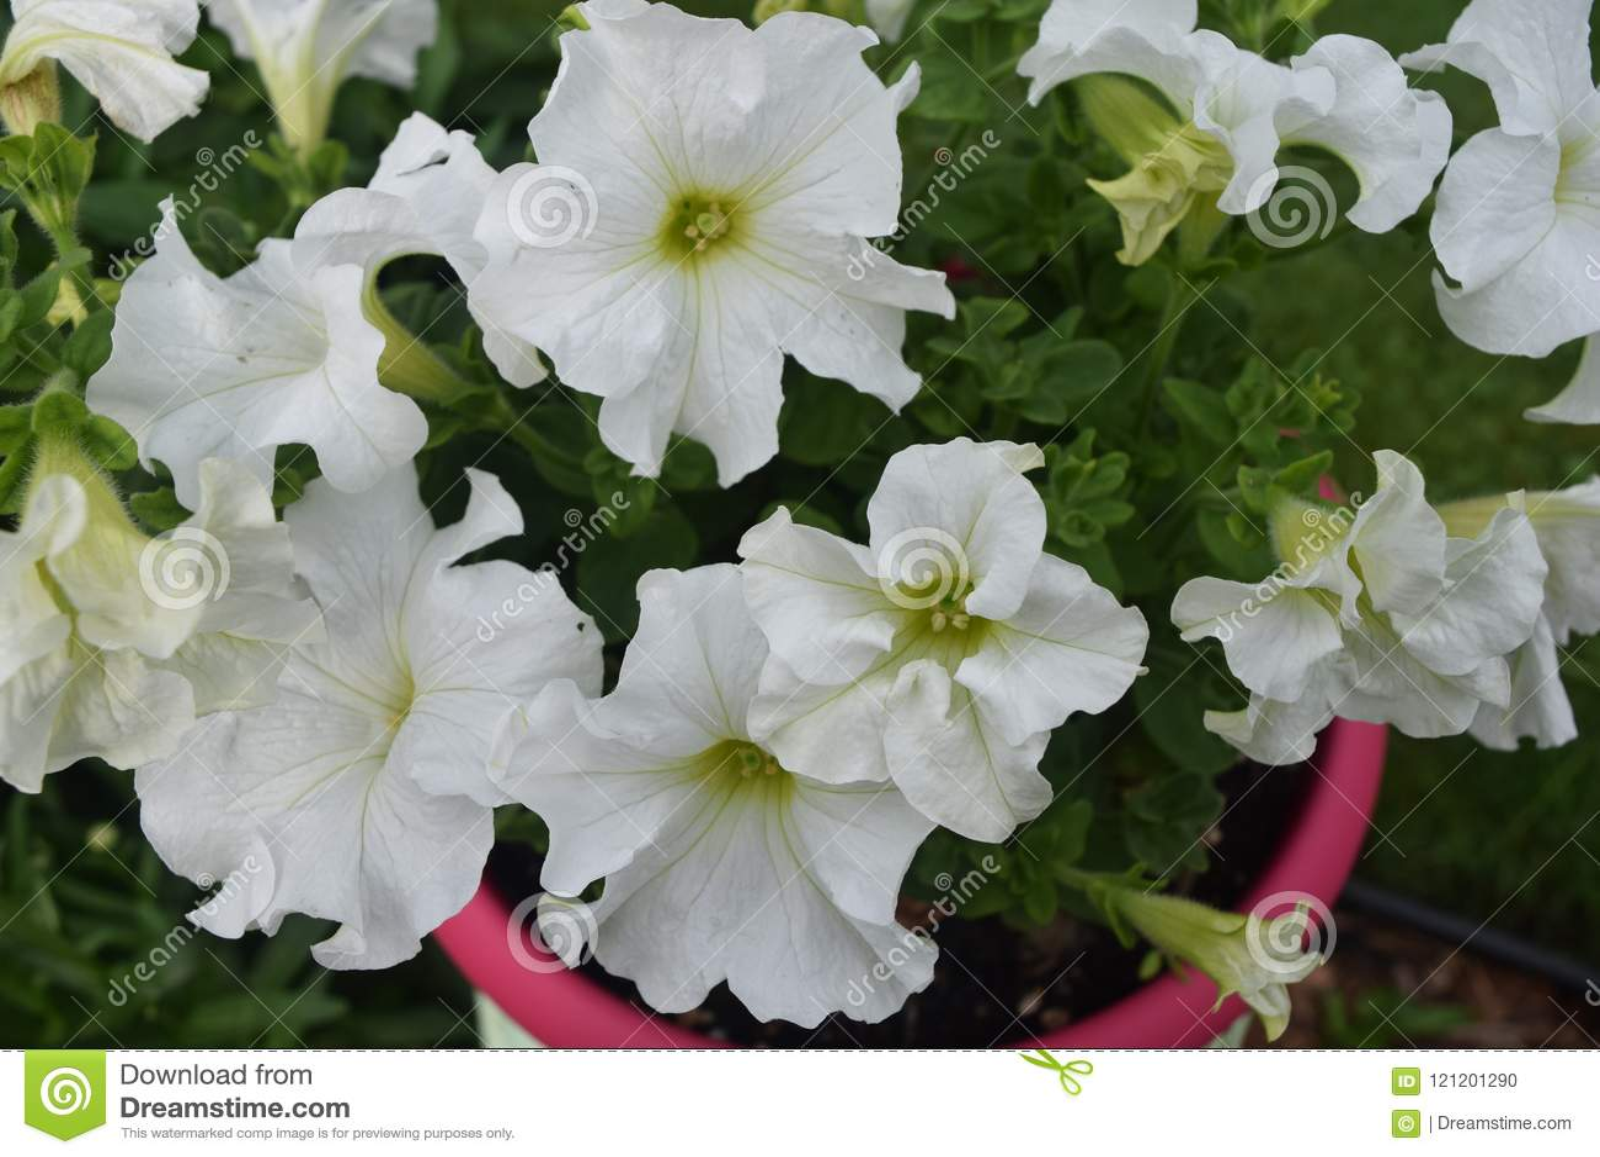 Lovely Pot Of White Flowers Stock Photo Image Of Honeybee Flower